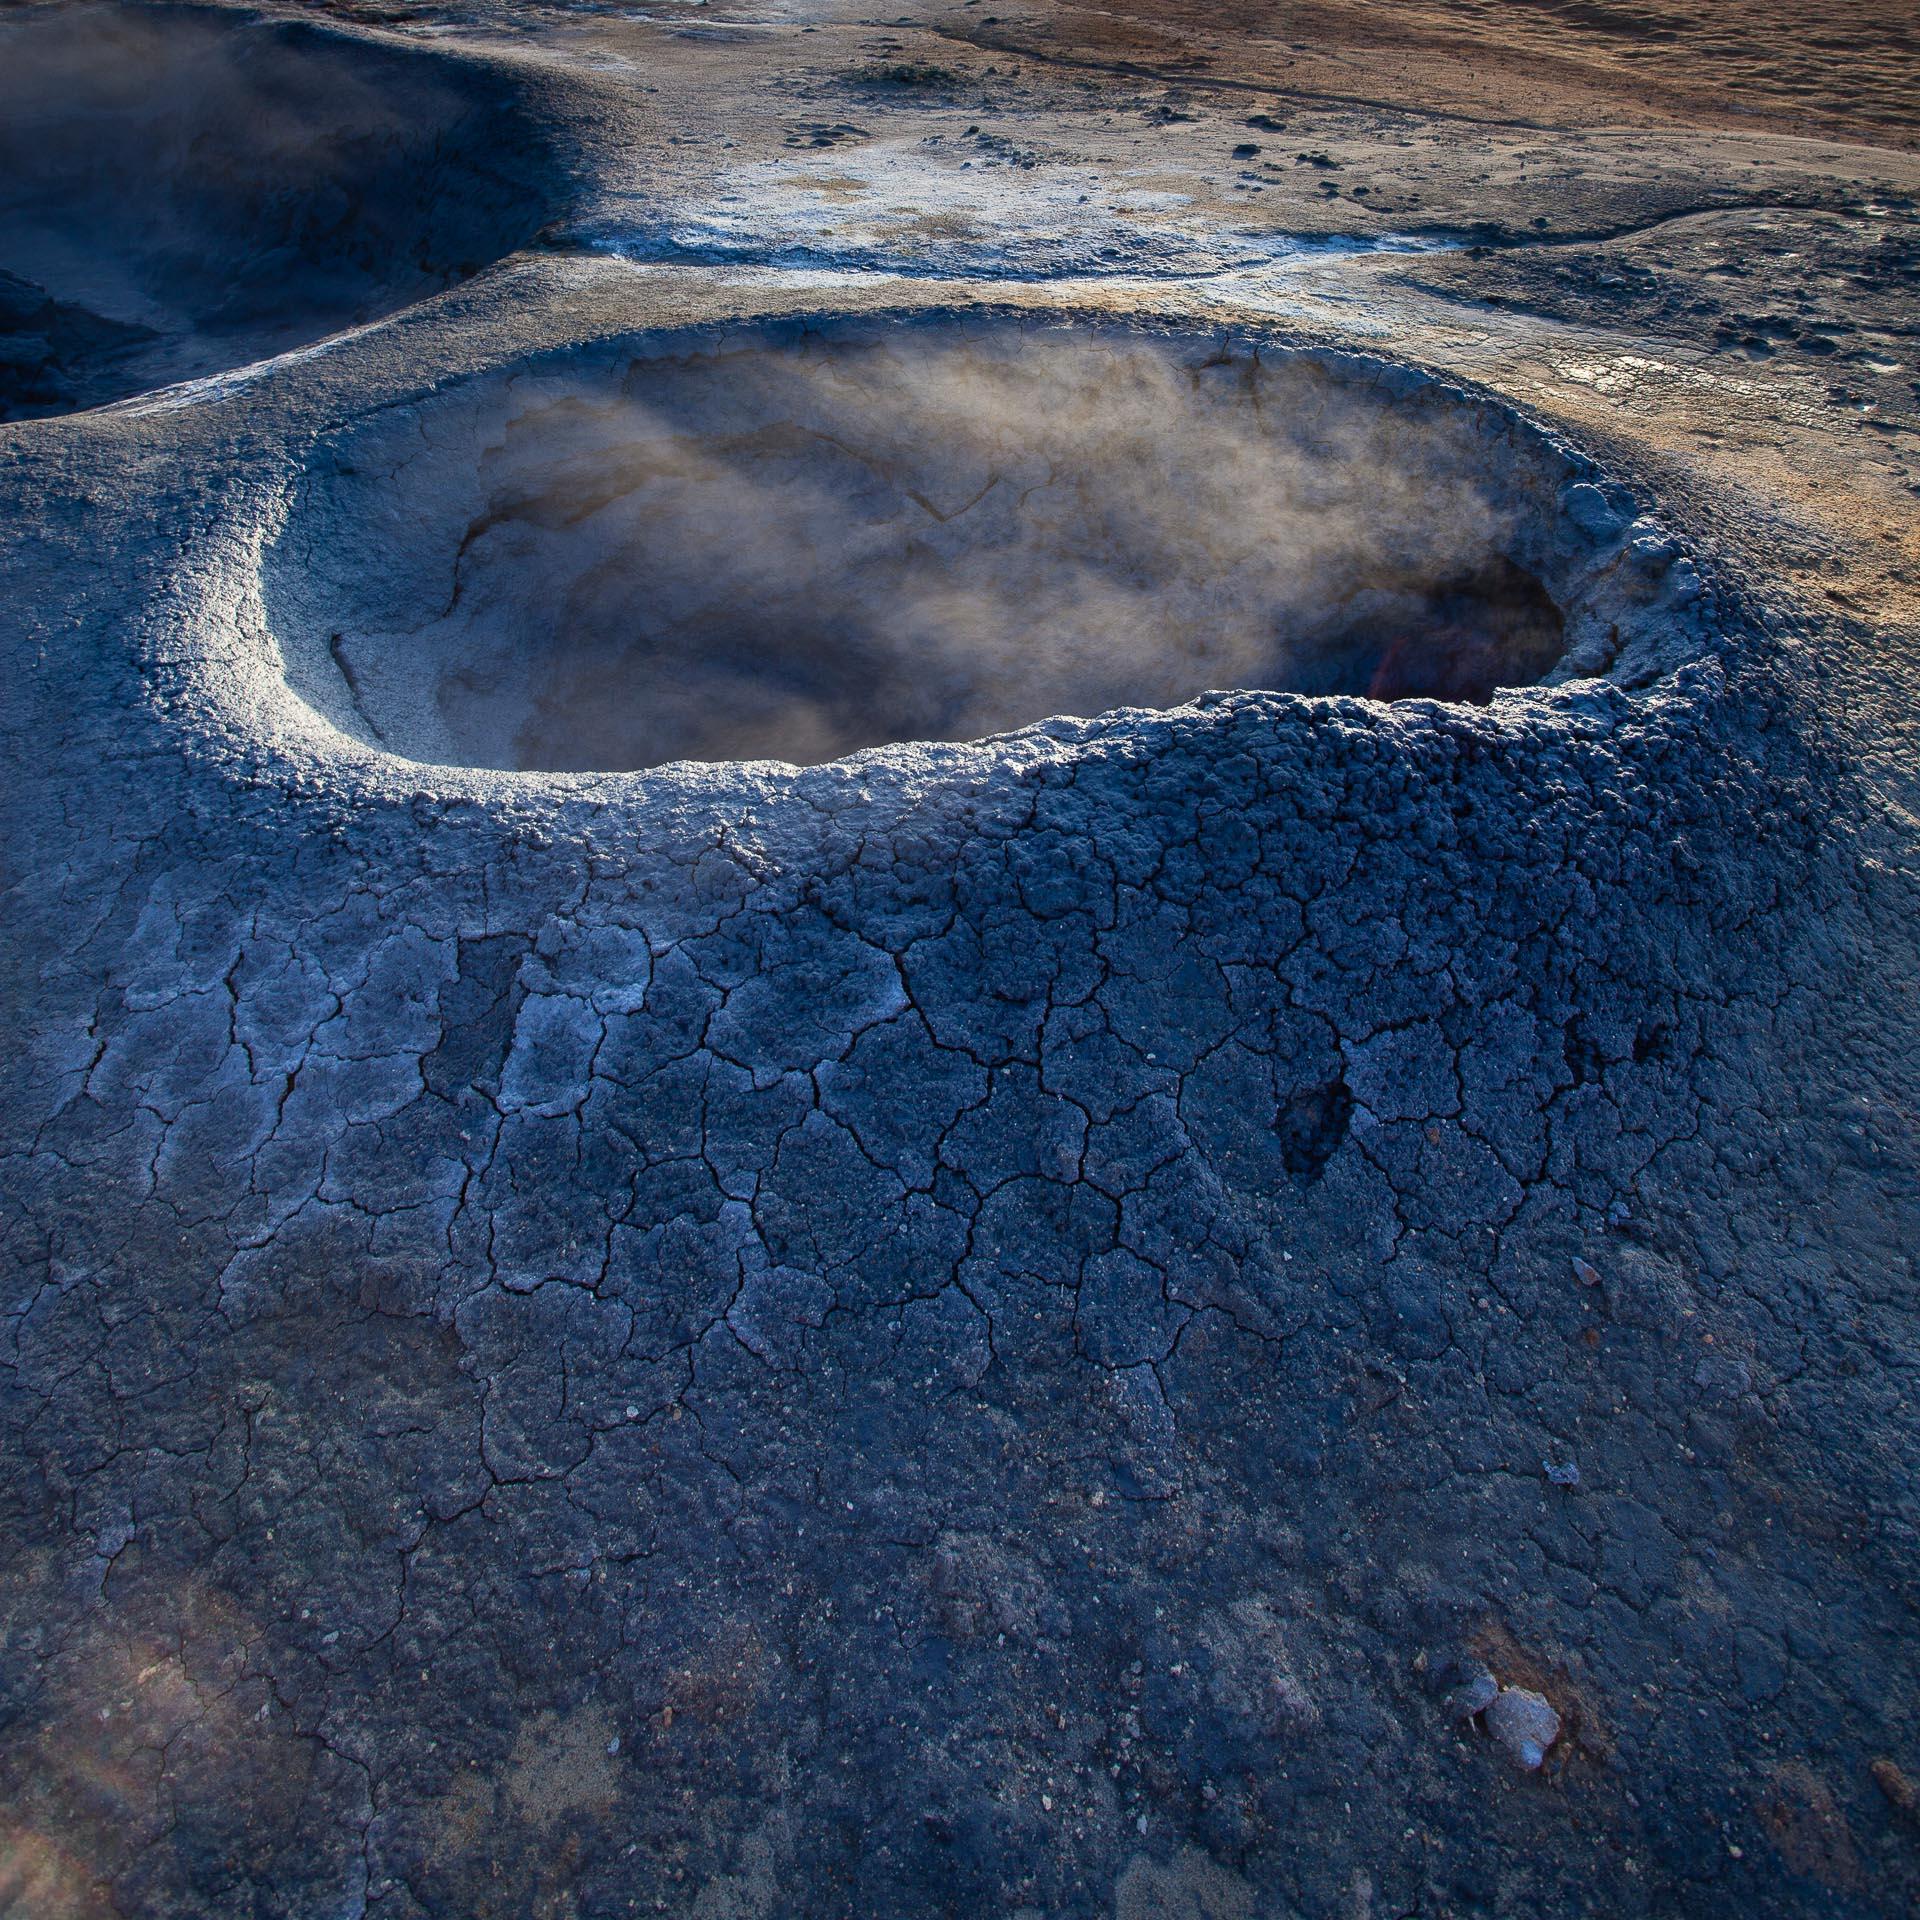 Solfatare de Hverarönd en islande